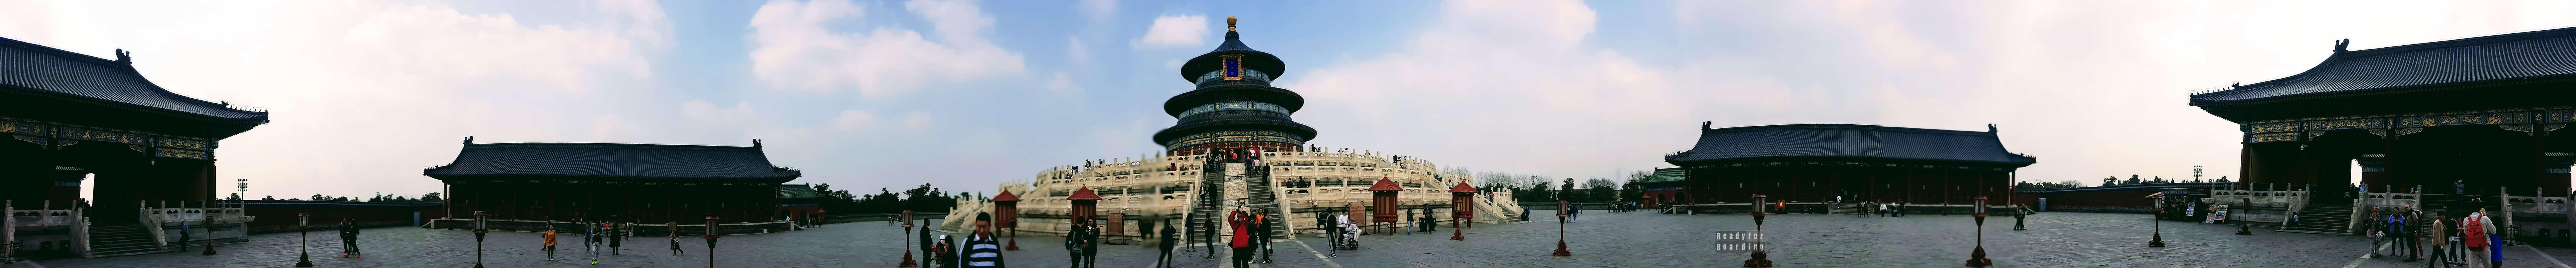 Panorama: Pawilon Modlitwy o Urodzaj, Świątynia Nieba, Pekin